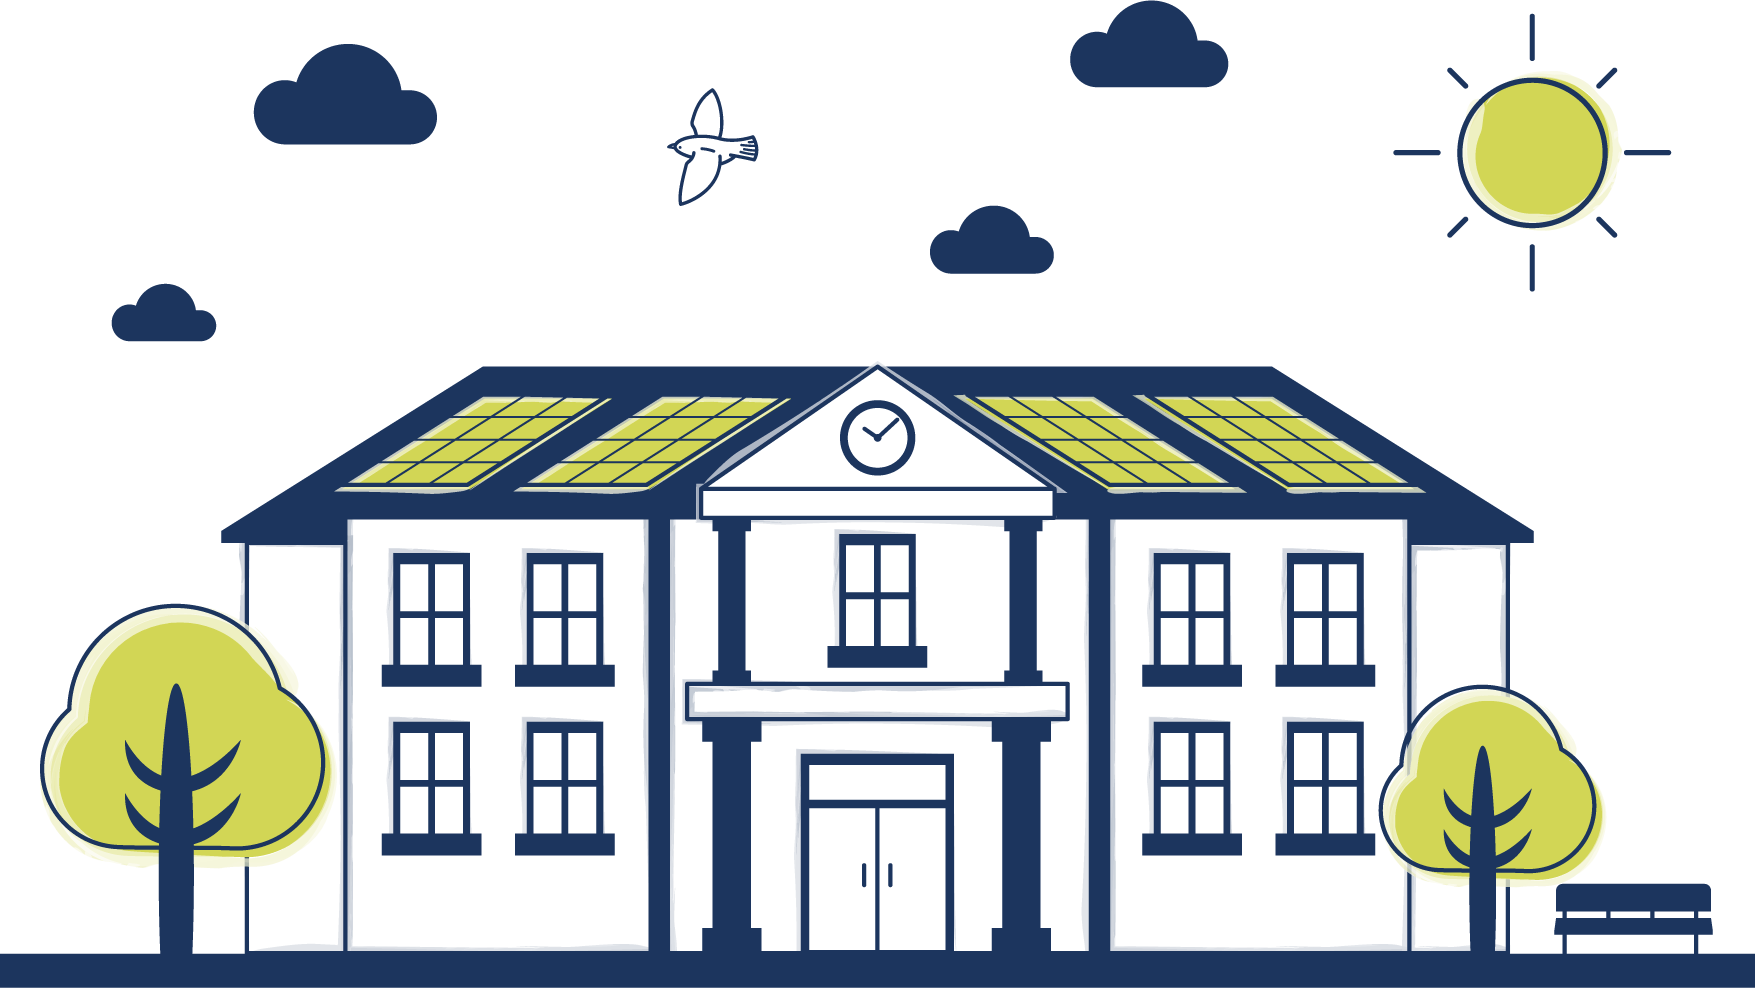 ayuntamiento-ilustracion